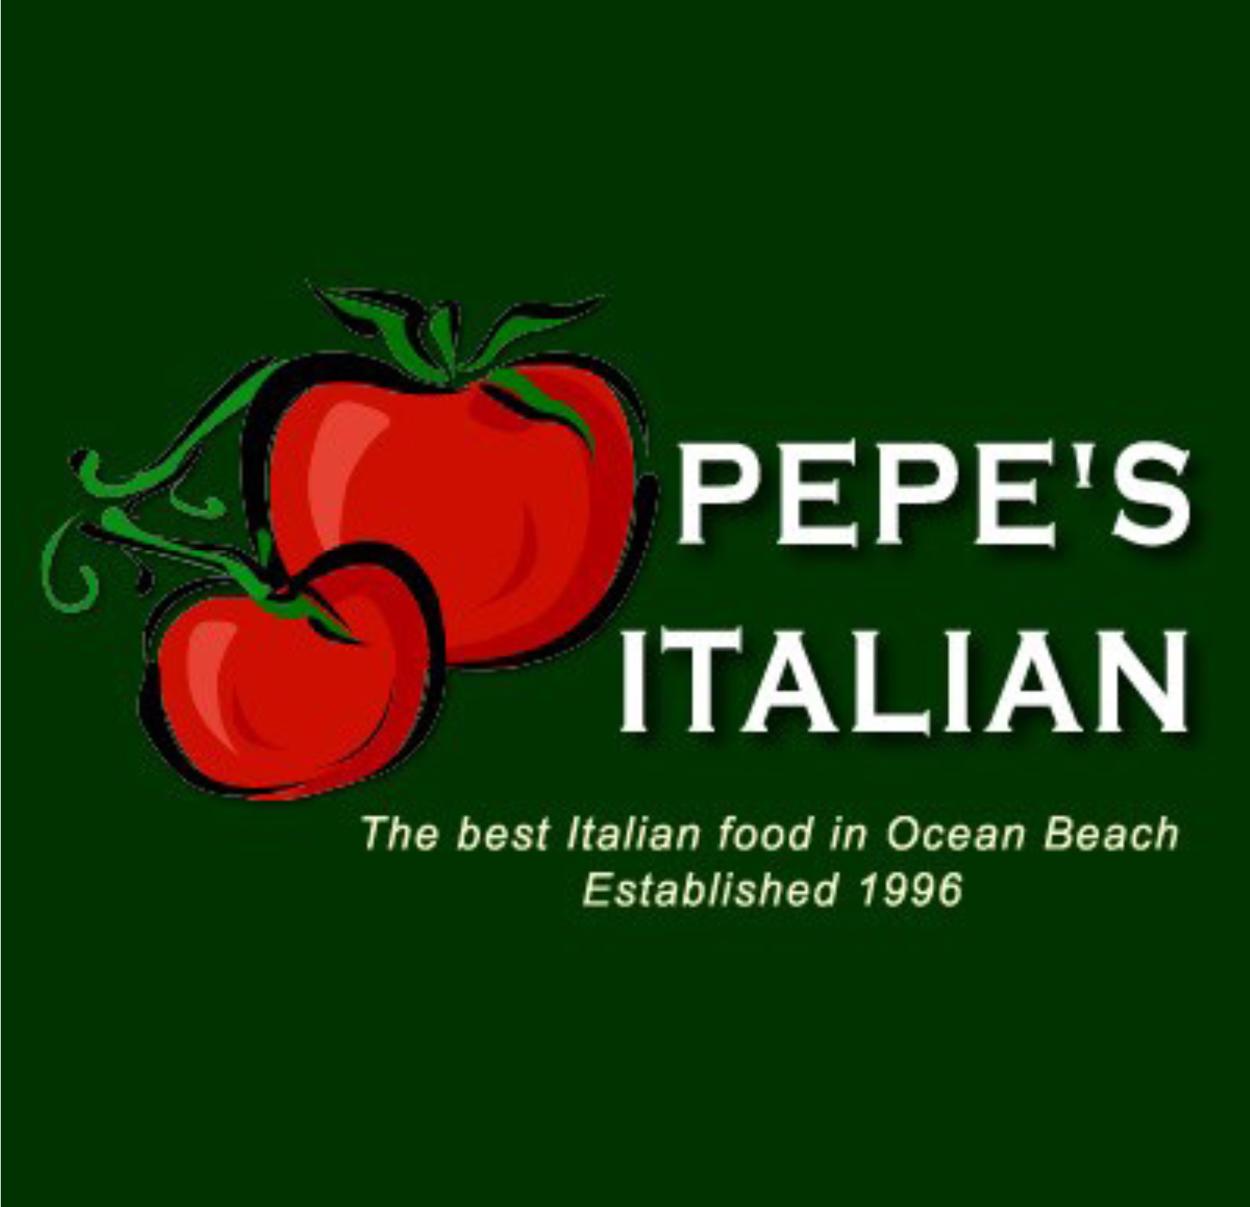 Pepe's Italian Ocean Beach